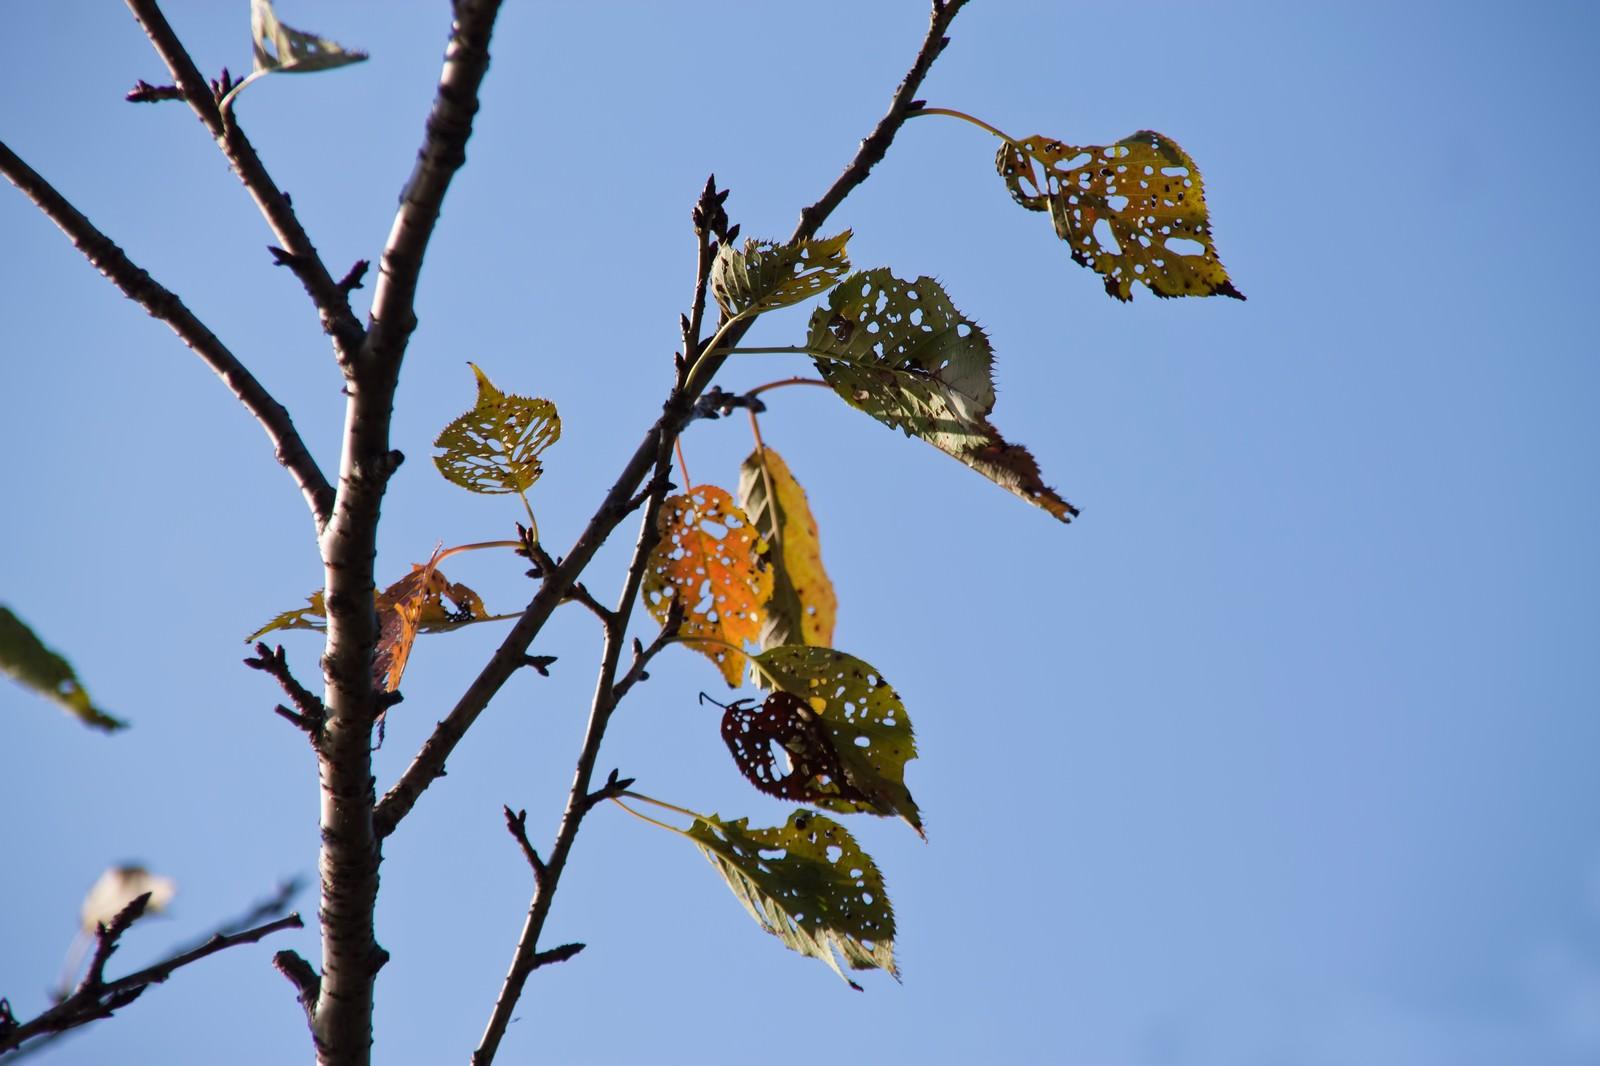 虫に食われた枯葉|ぱくたそフリー素材